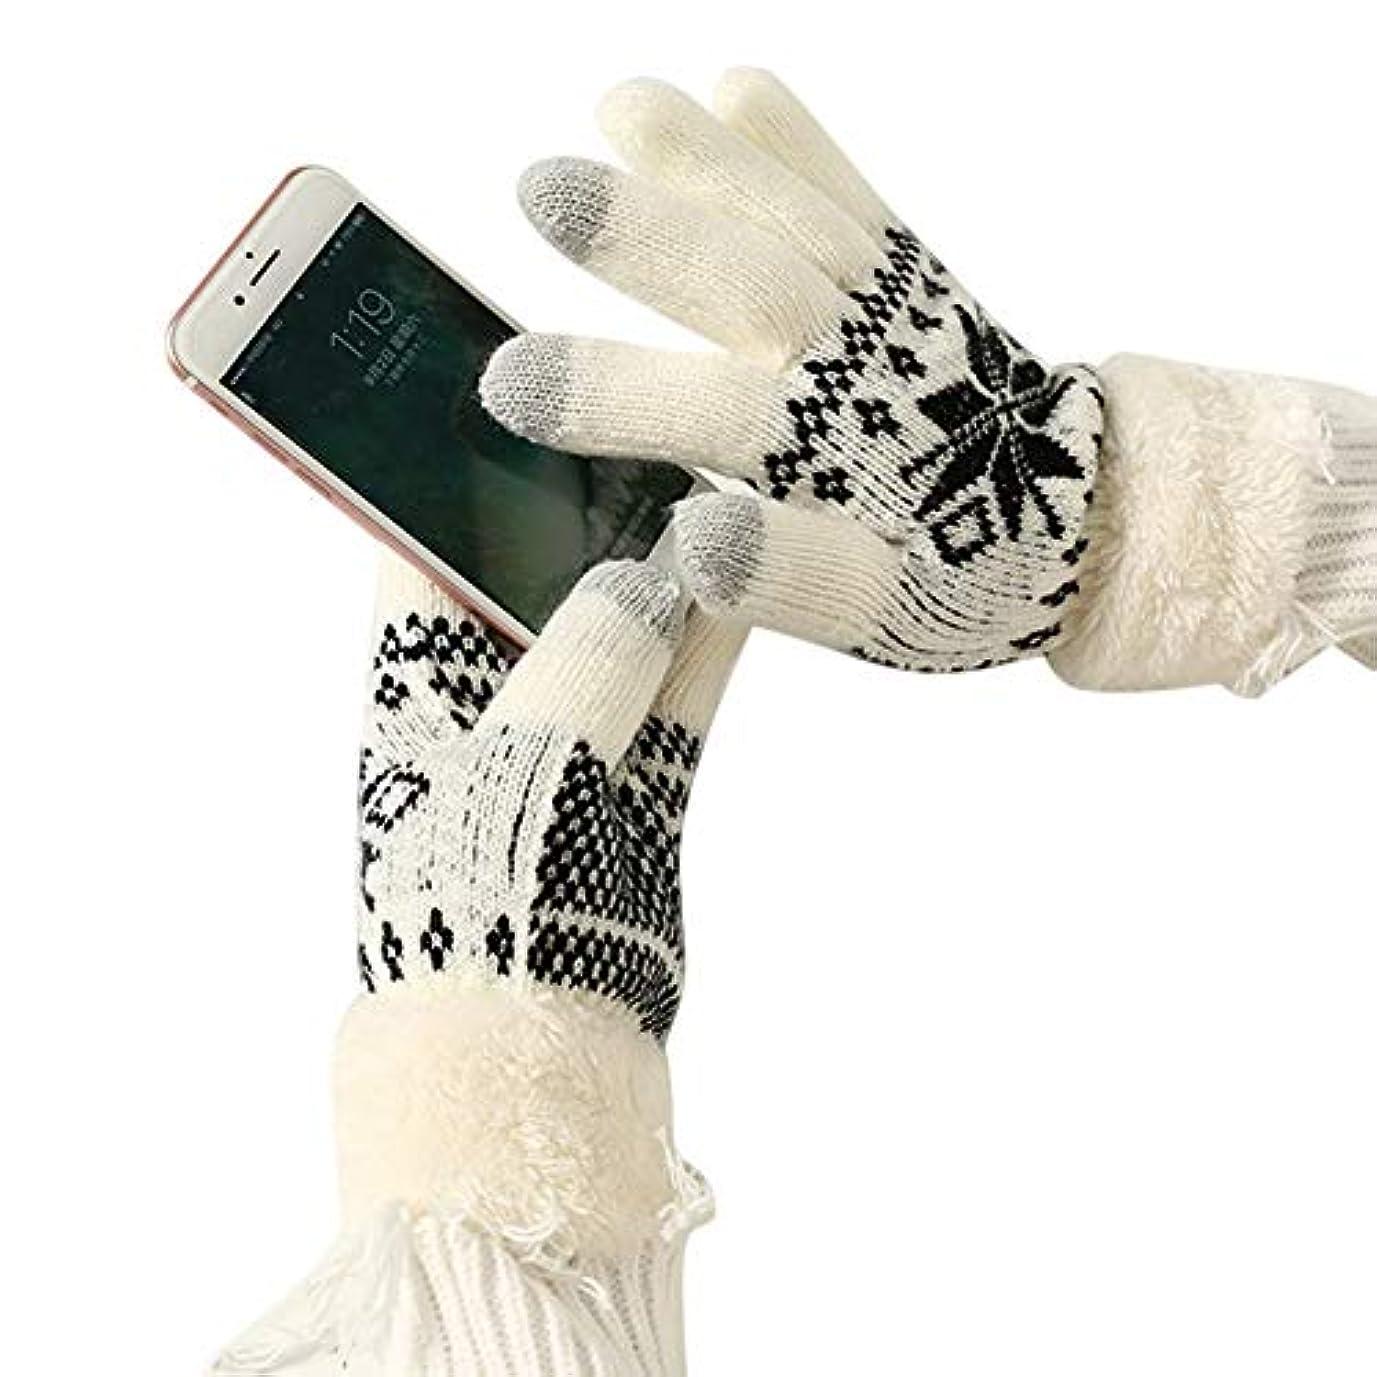 所有権聞くカカドゥTengfly Women Touchscreen Gloves, Winter Warm Knit Gloves,Soft Extra-Warm Fleece Touchscreen Gloves,Snow Flower...